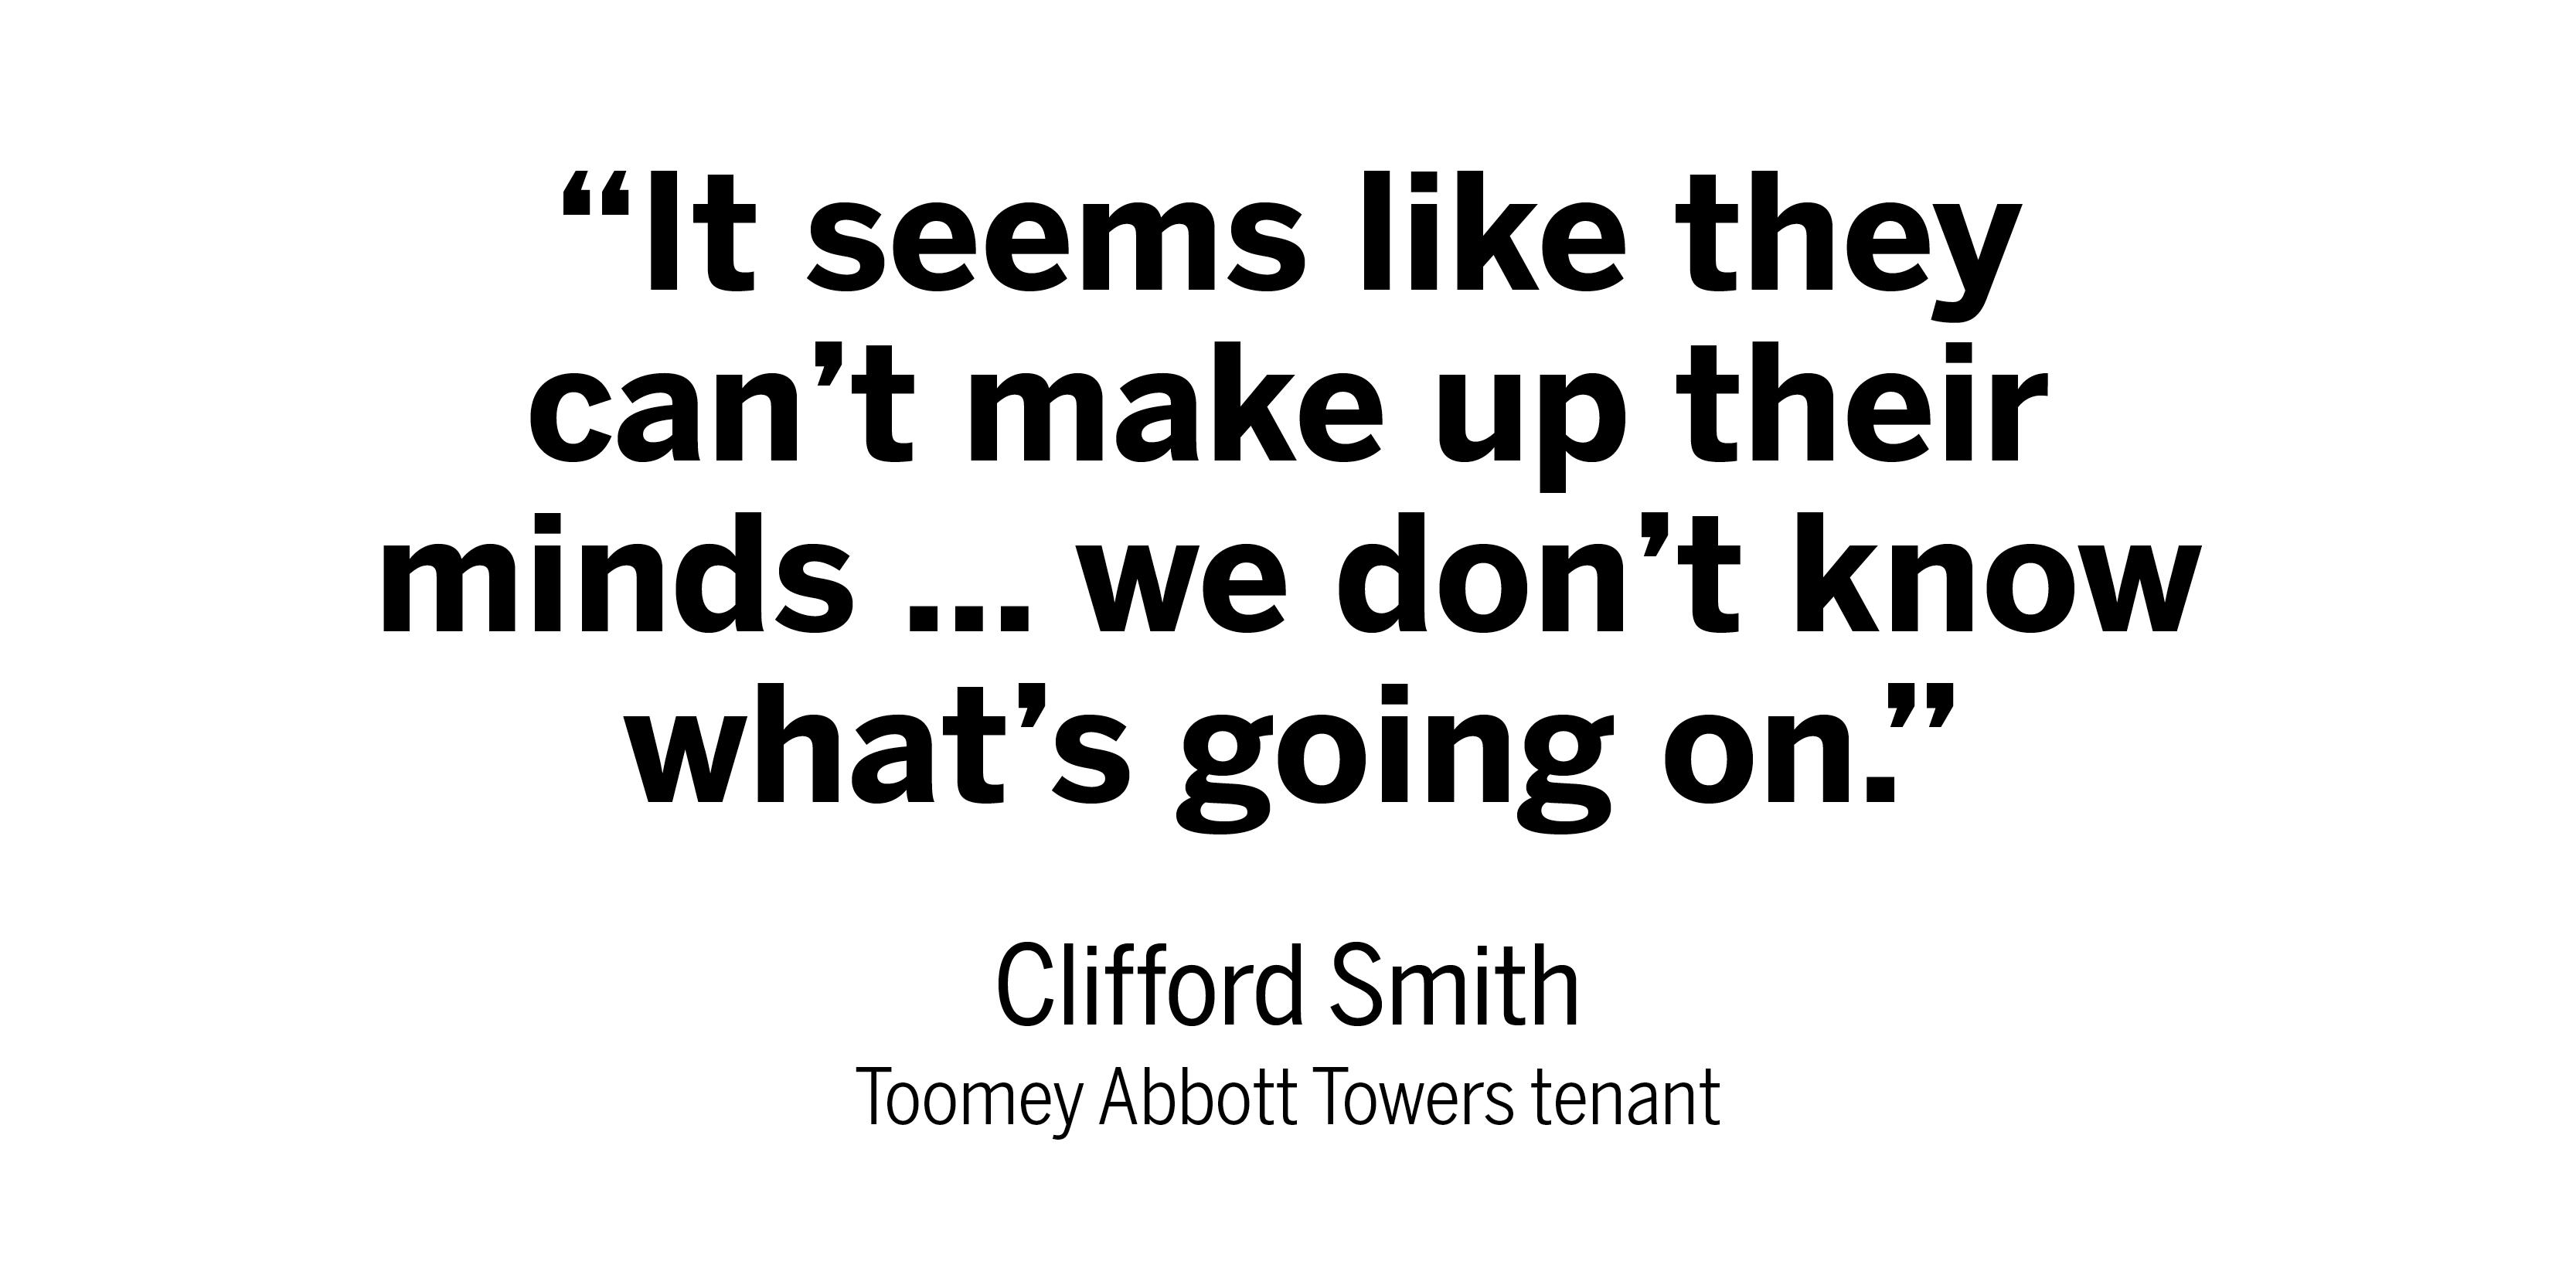 news_toomey-abbott-towers-quote-1